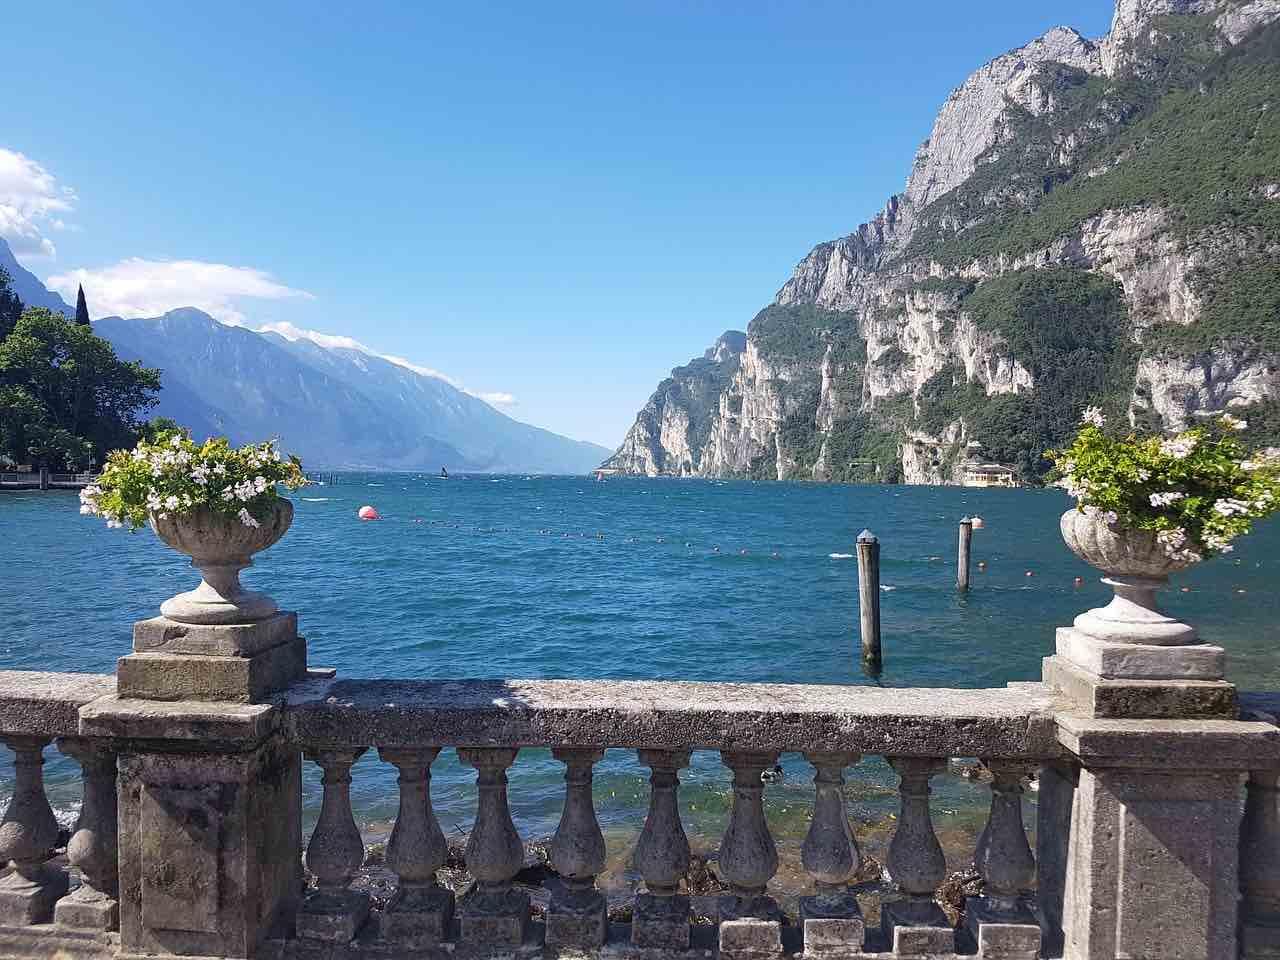 Rejsetilbud til Gardasøen